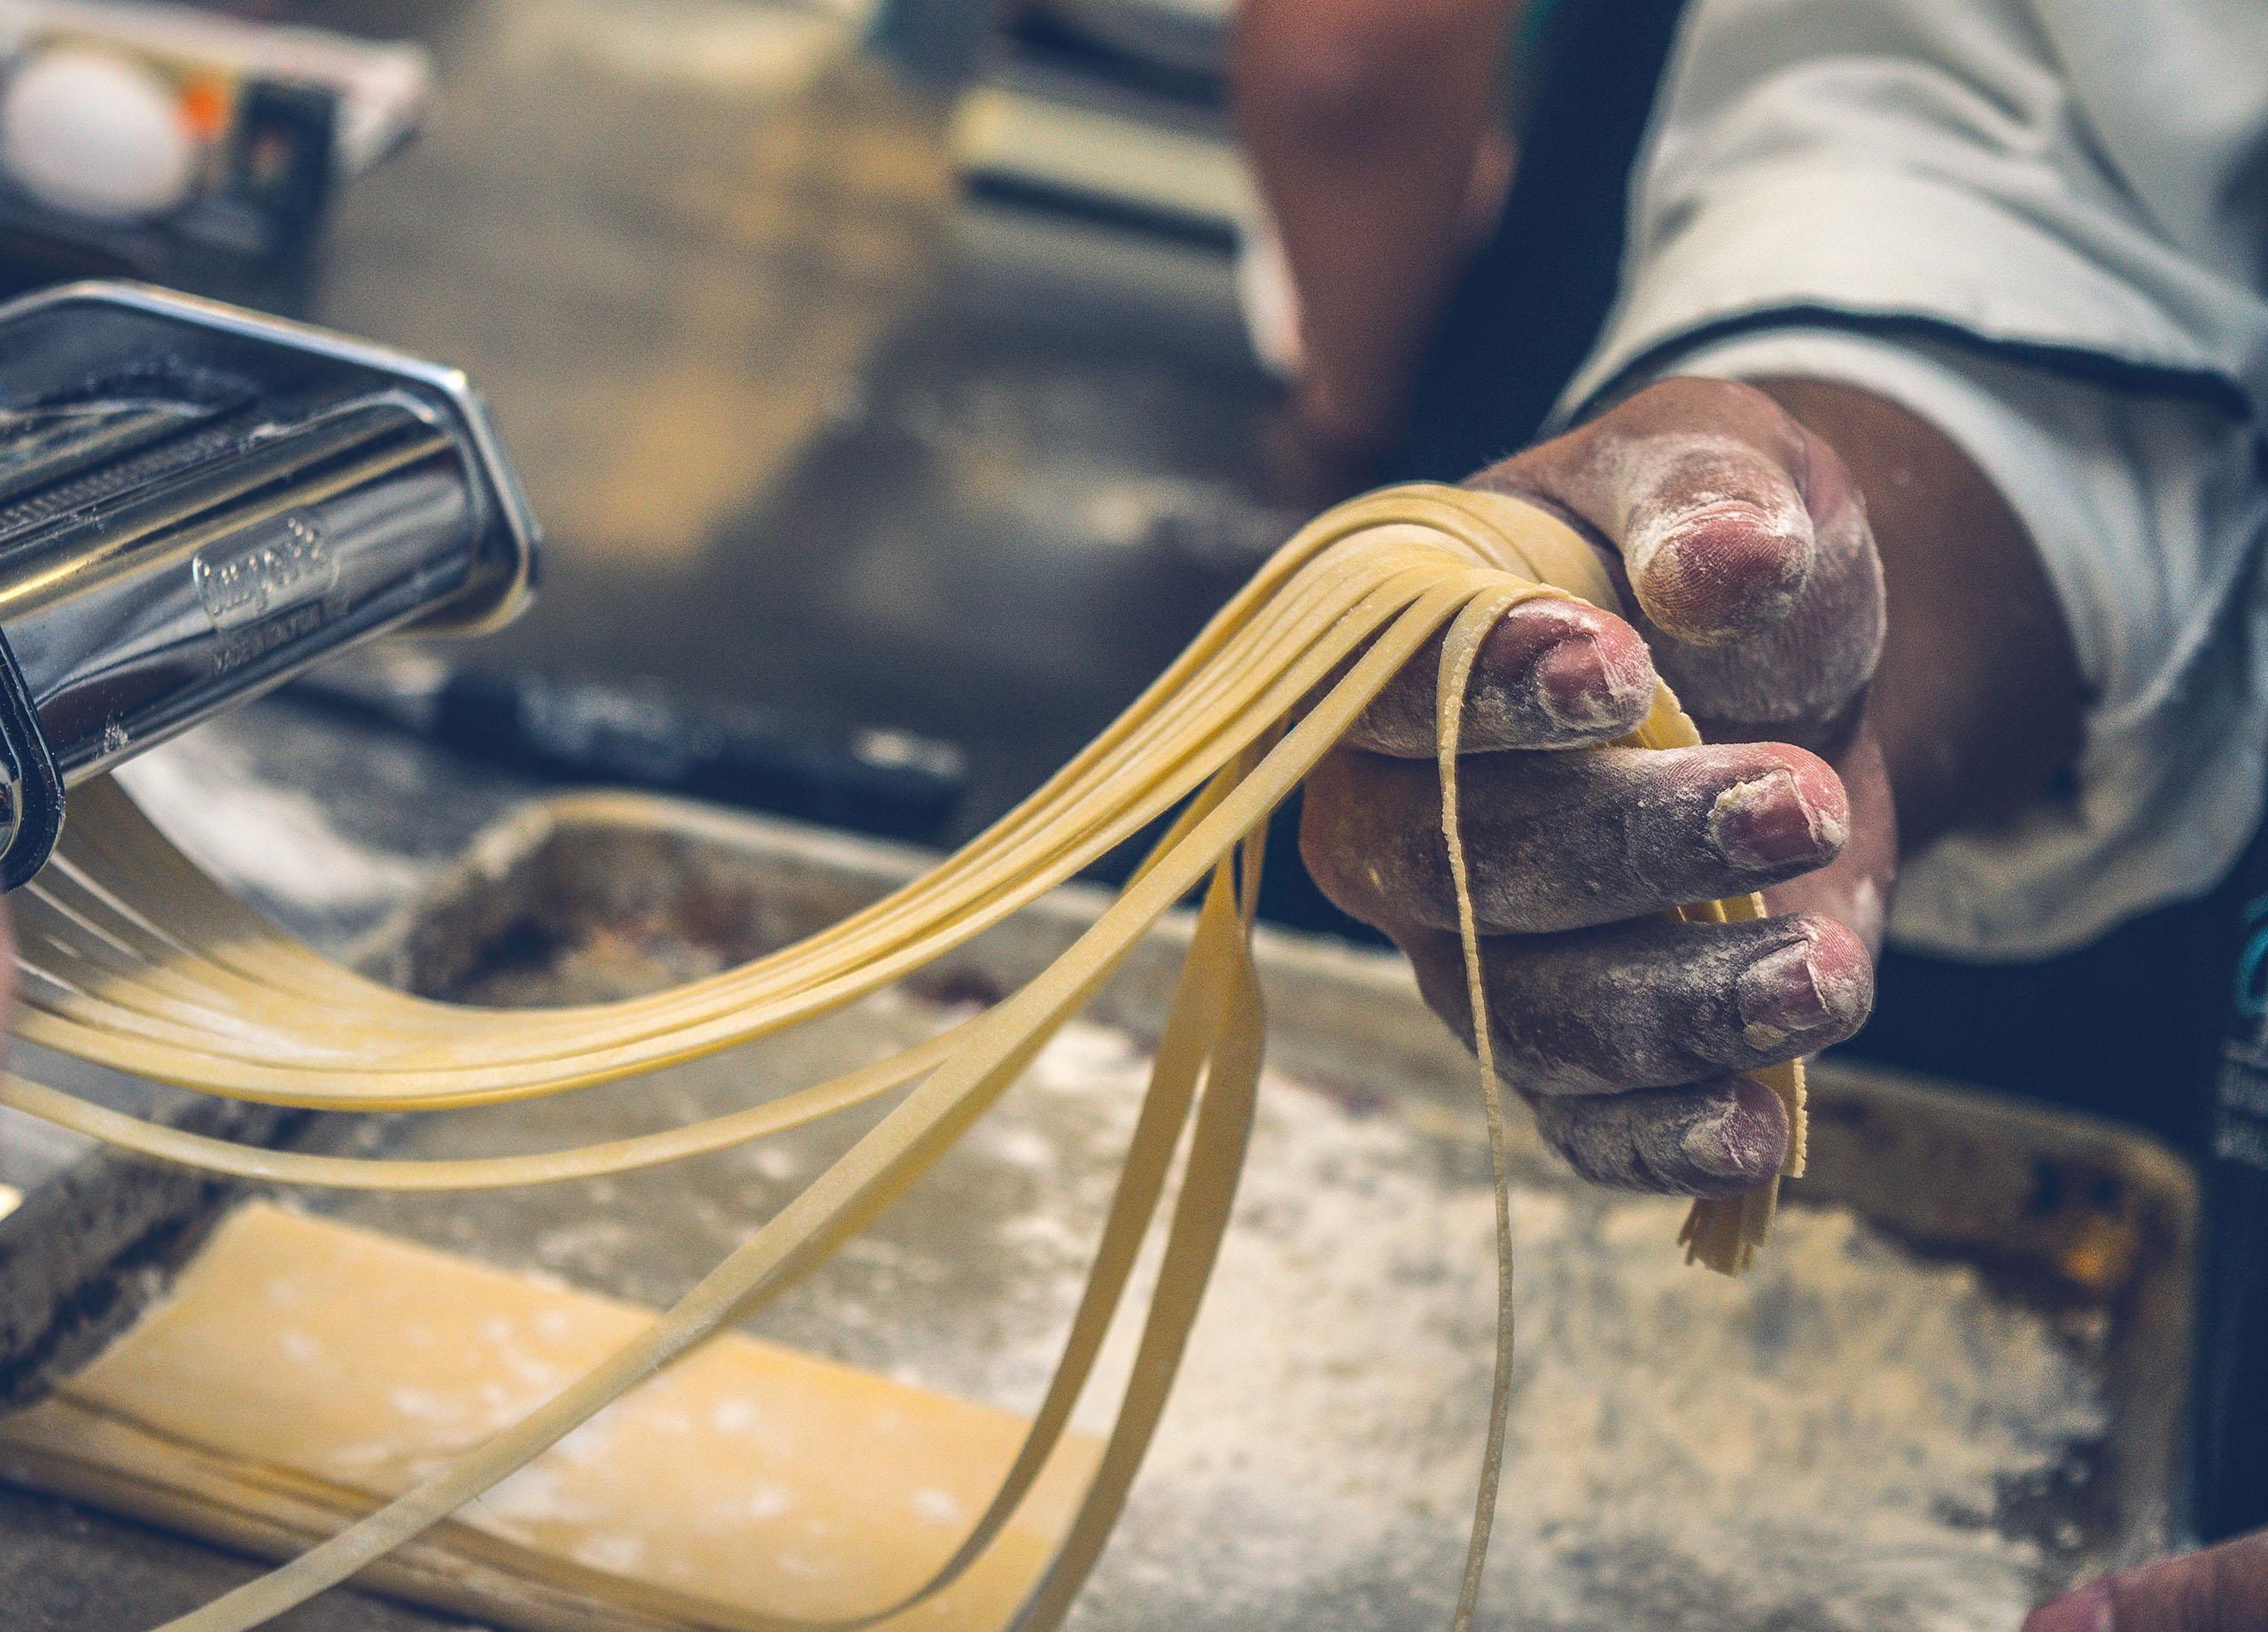 pâtes fraiches italiennes sortant d'un laminoir et retenues par une main